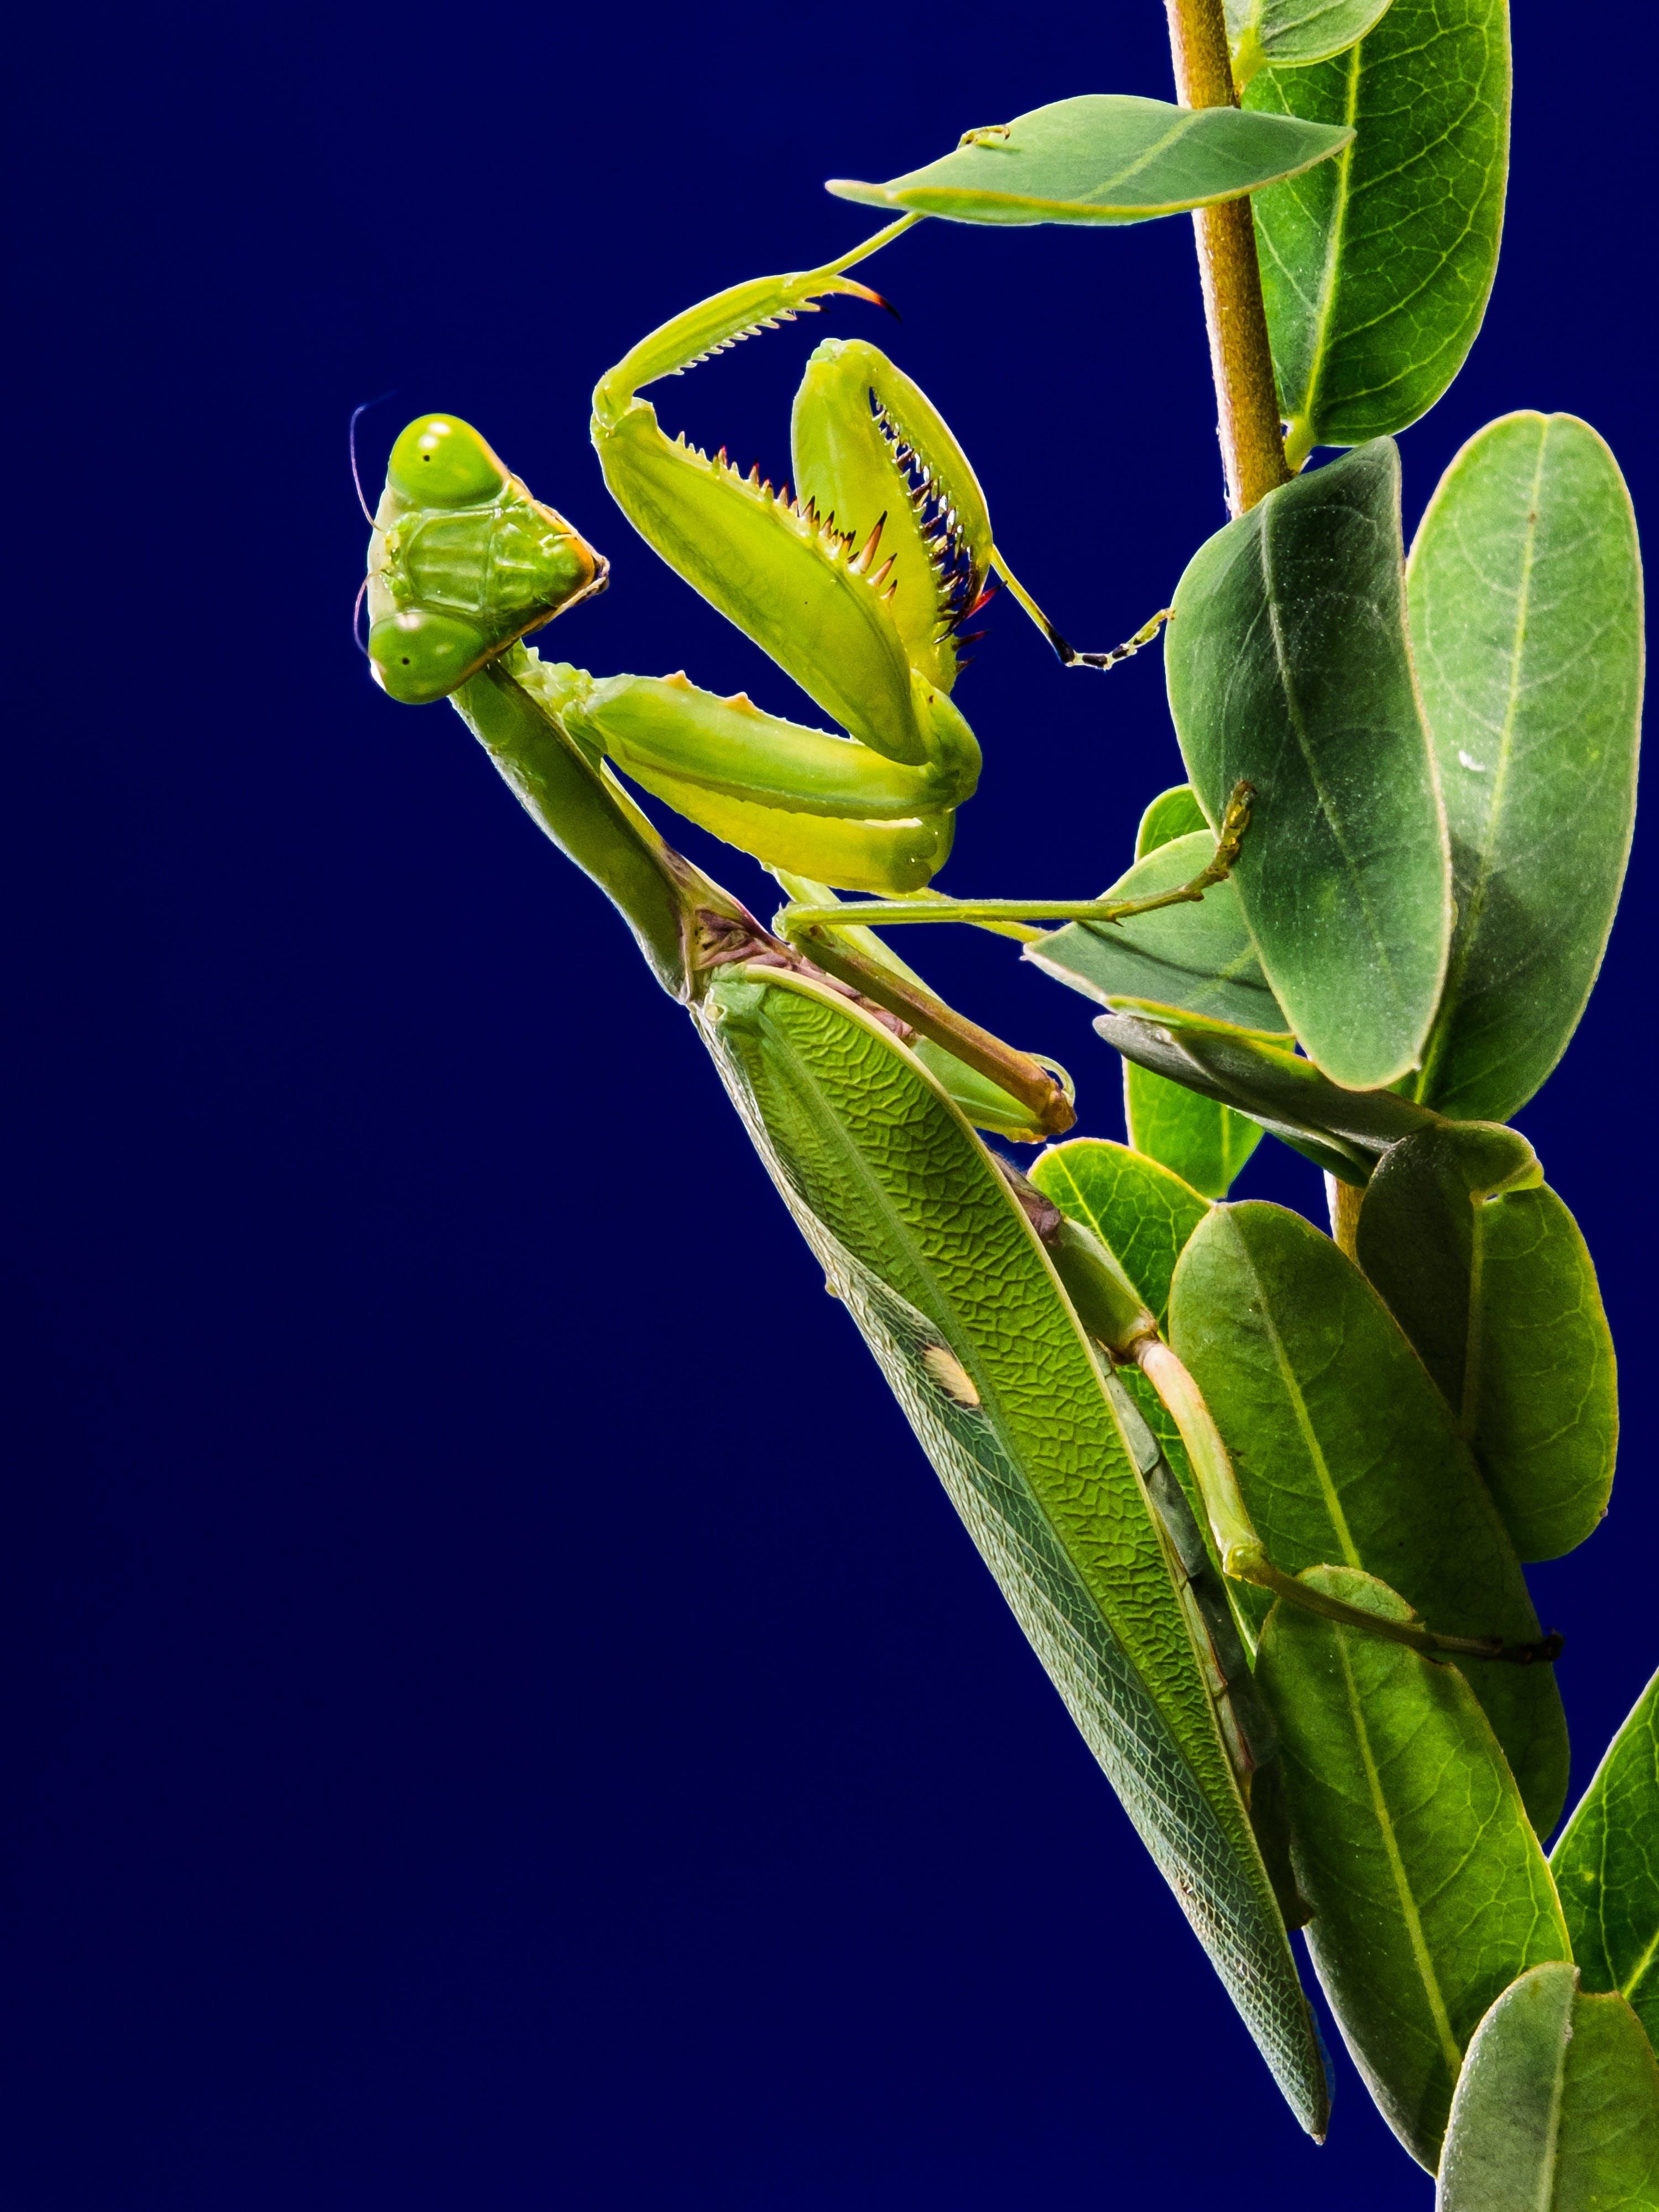 Green Praying Mantis on Green Leaf